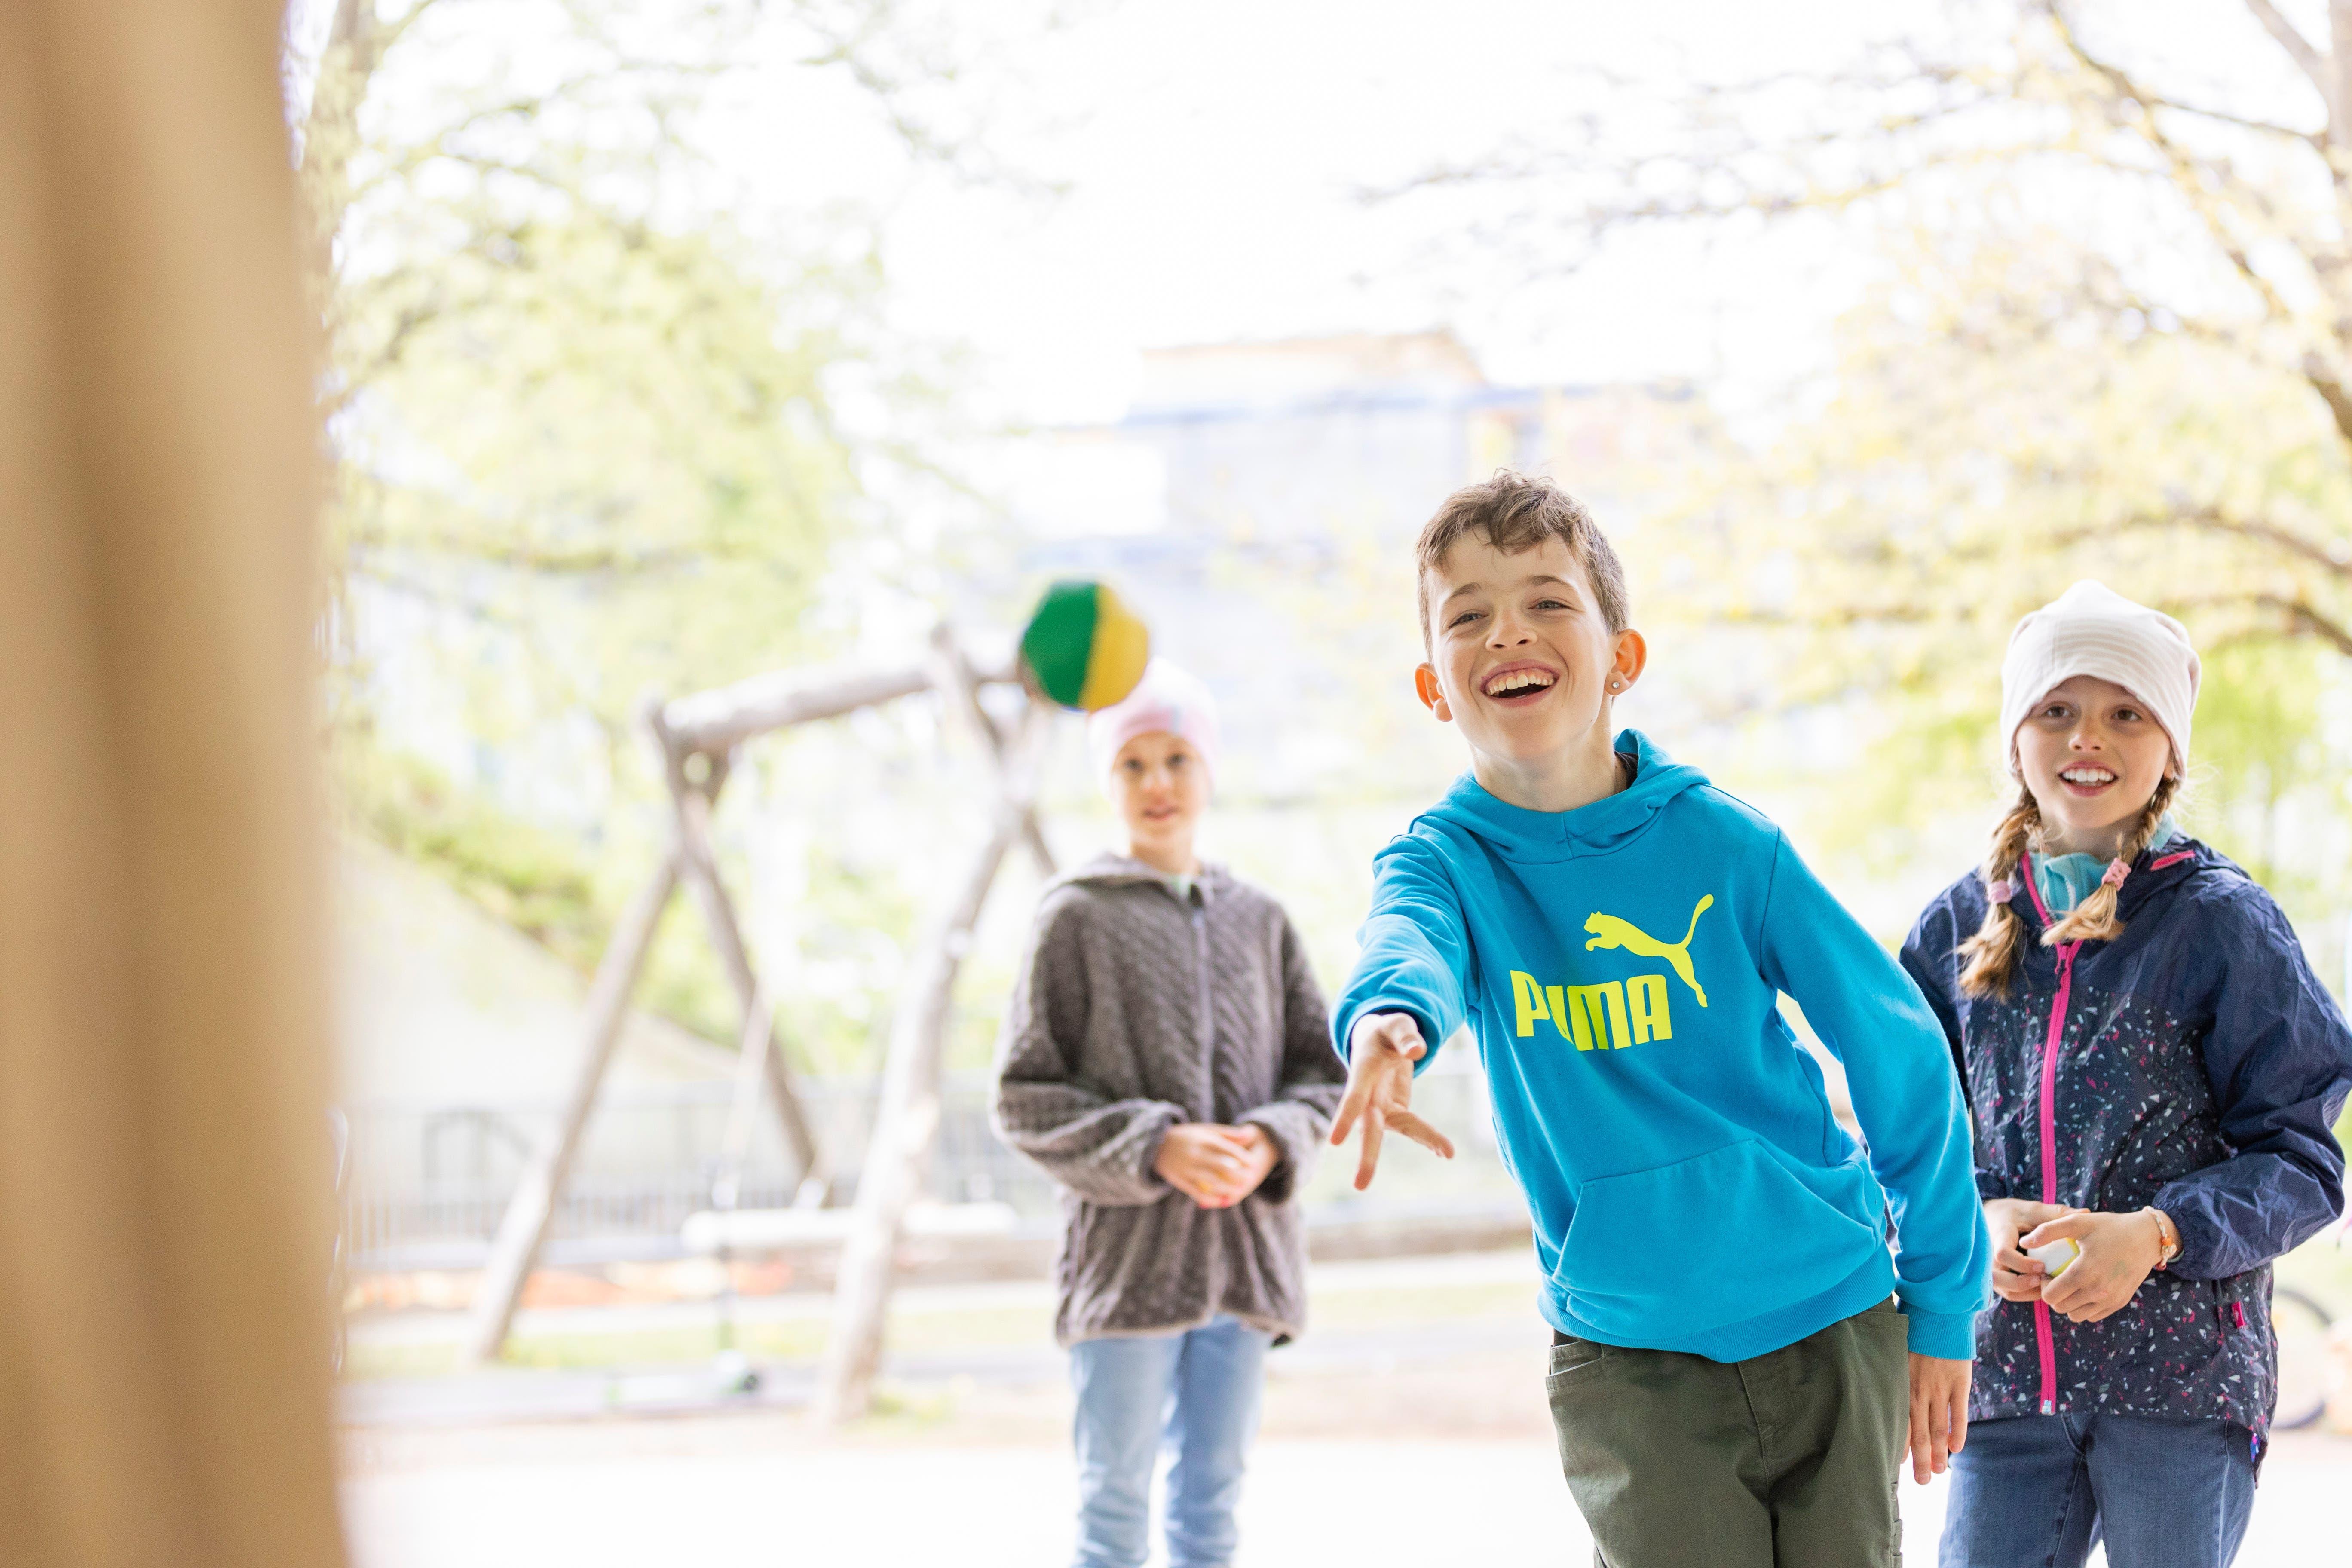 Insgesamt 32 Kinder zwischen 4 und 16 Jahren verbrachten eine Woche ihrer Frühlingsferien in der Dietiker Freizeitanlage Chrüzacher.